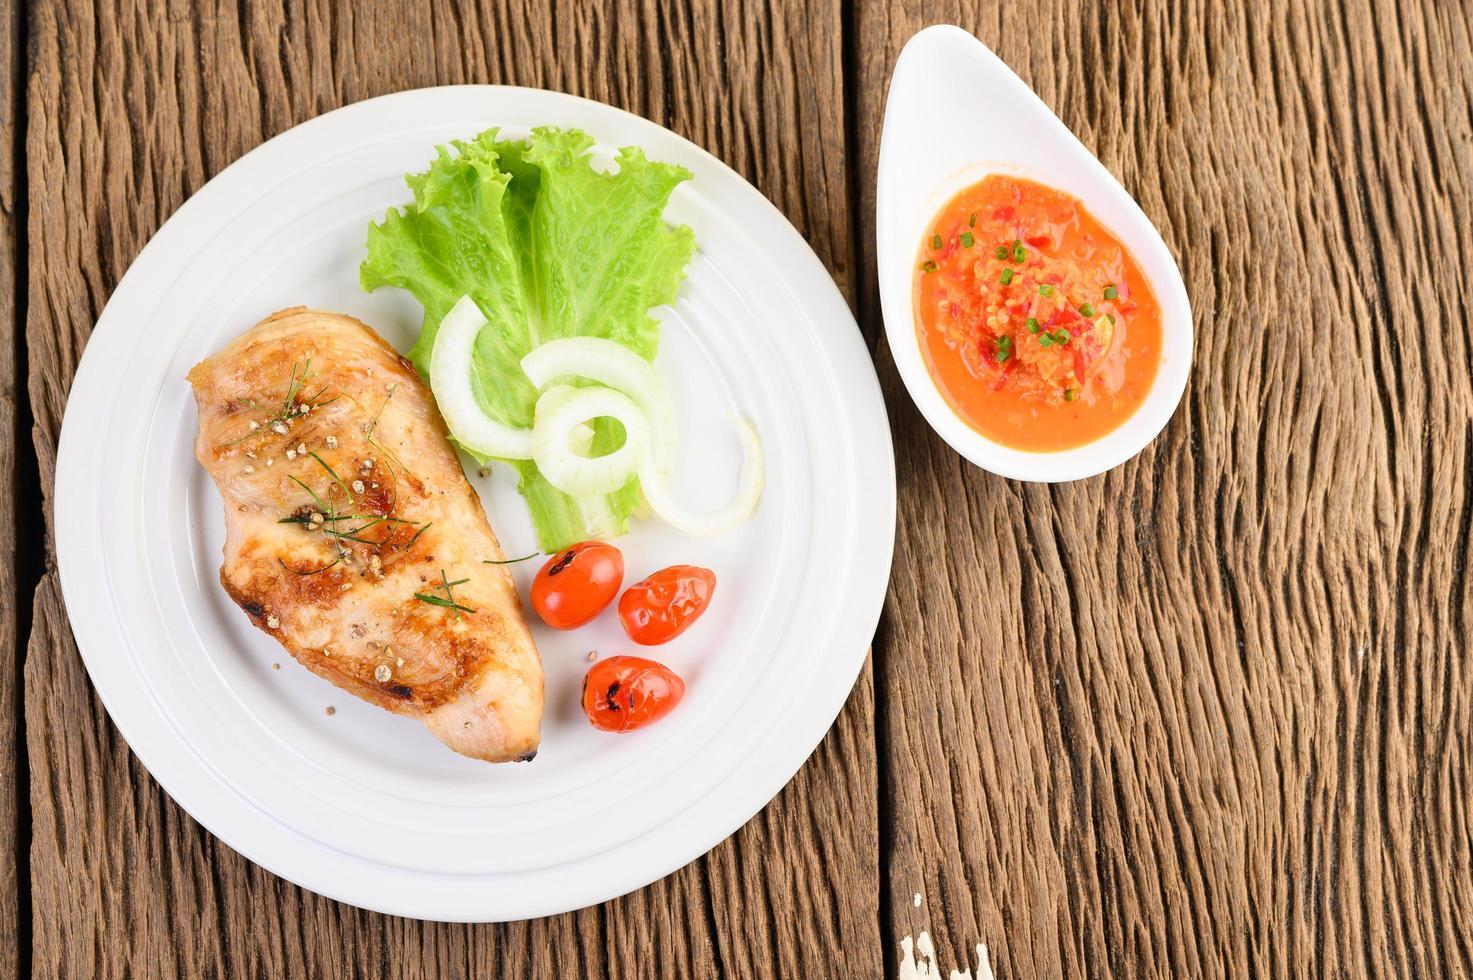 gegrilde kip op een houten tafel met tomaten, salade, ui en chilisaus foto